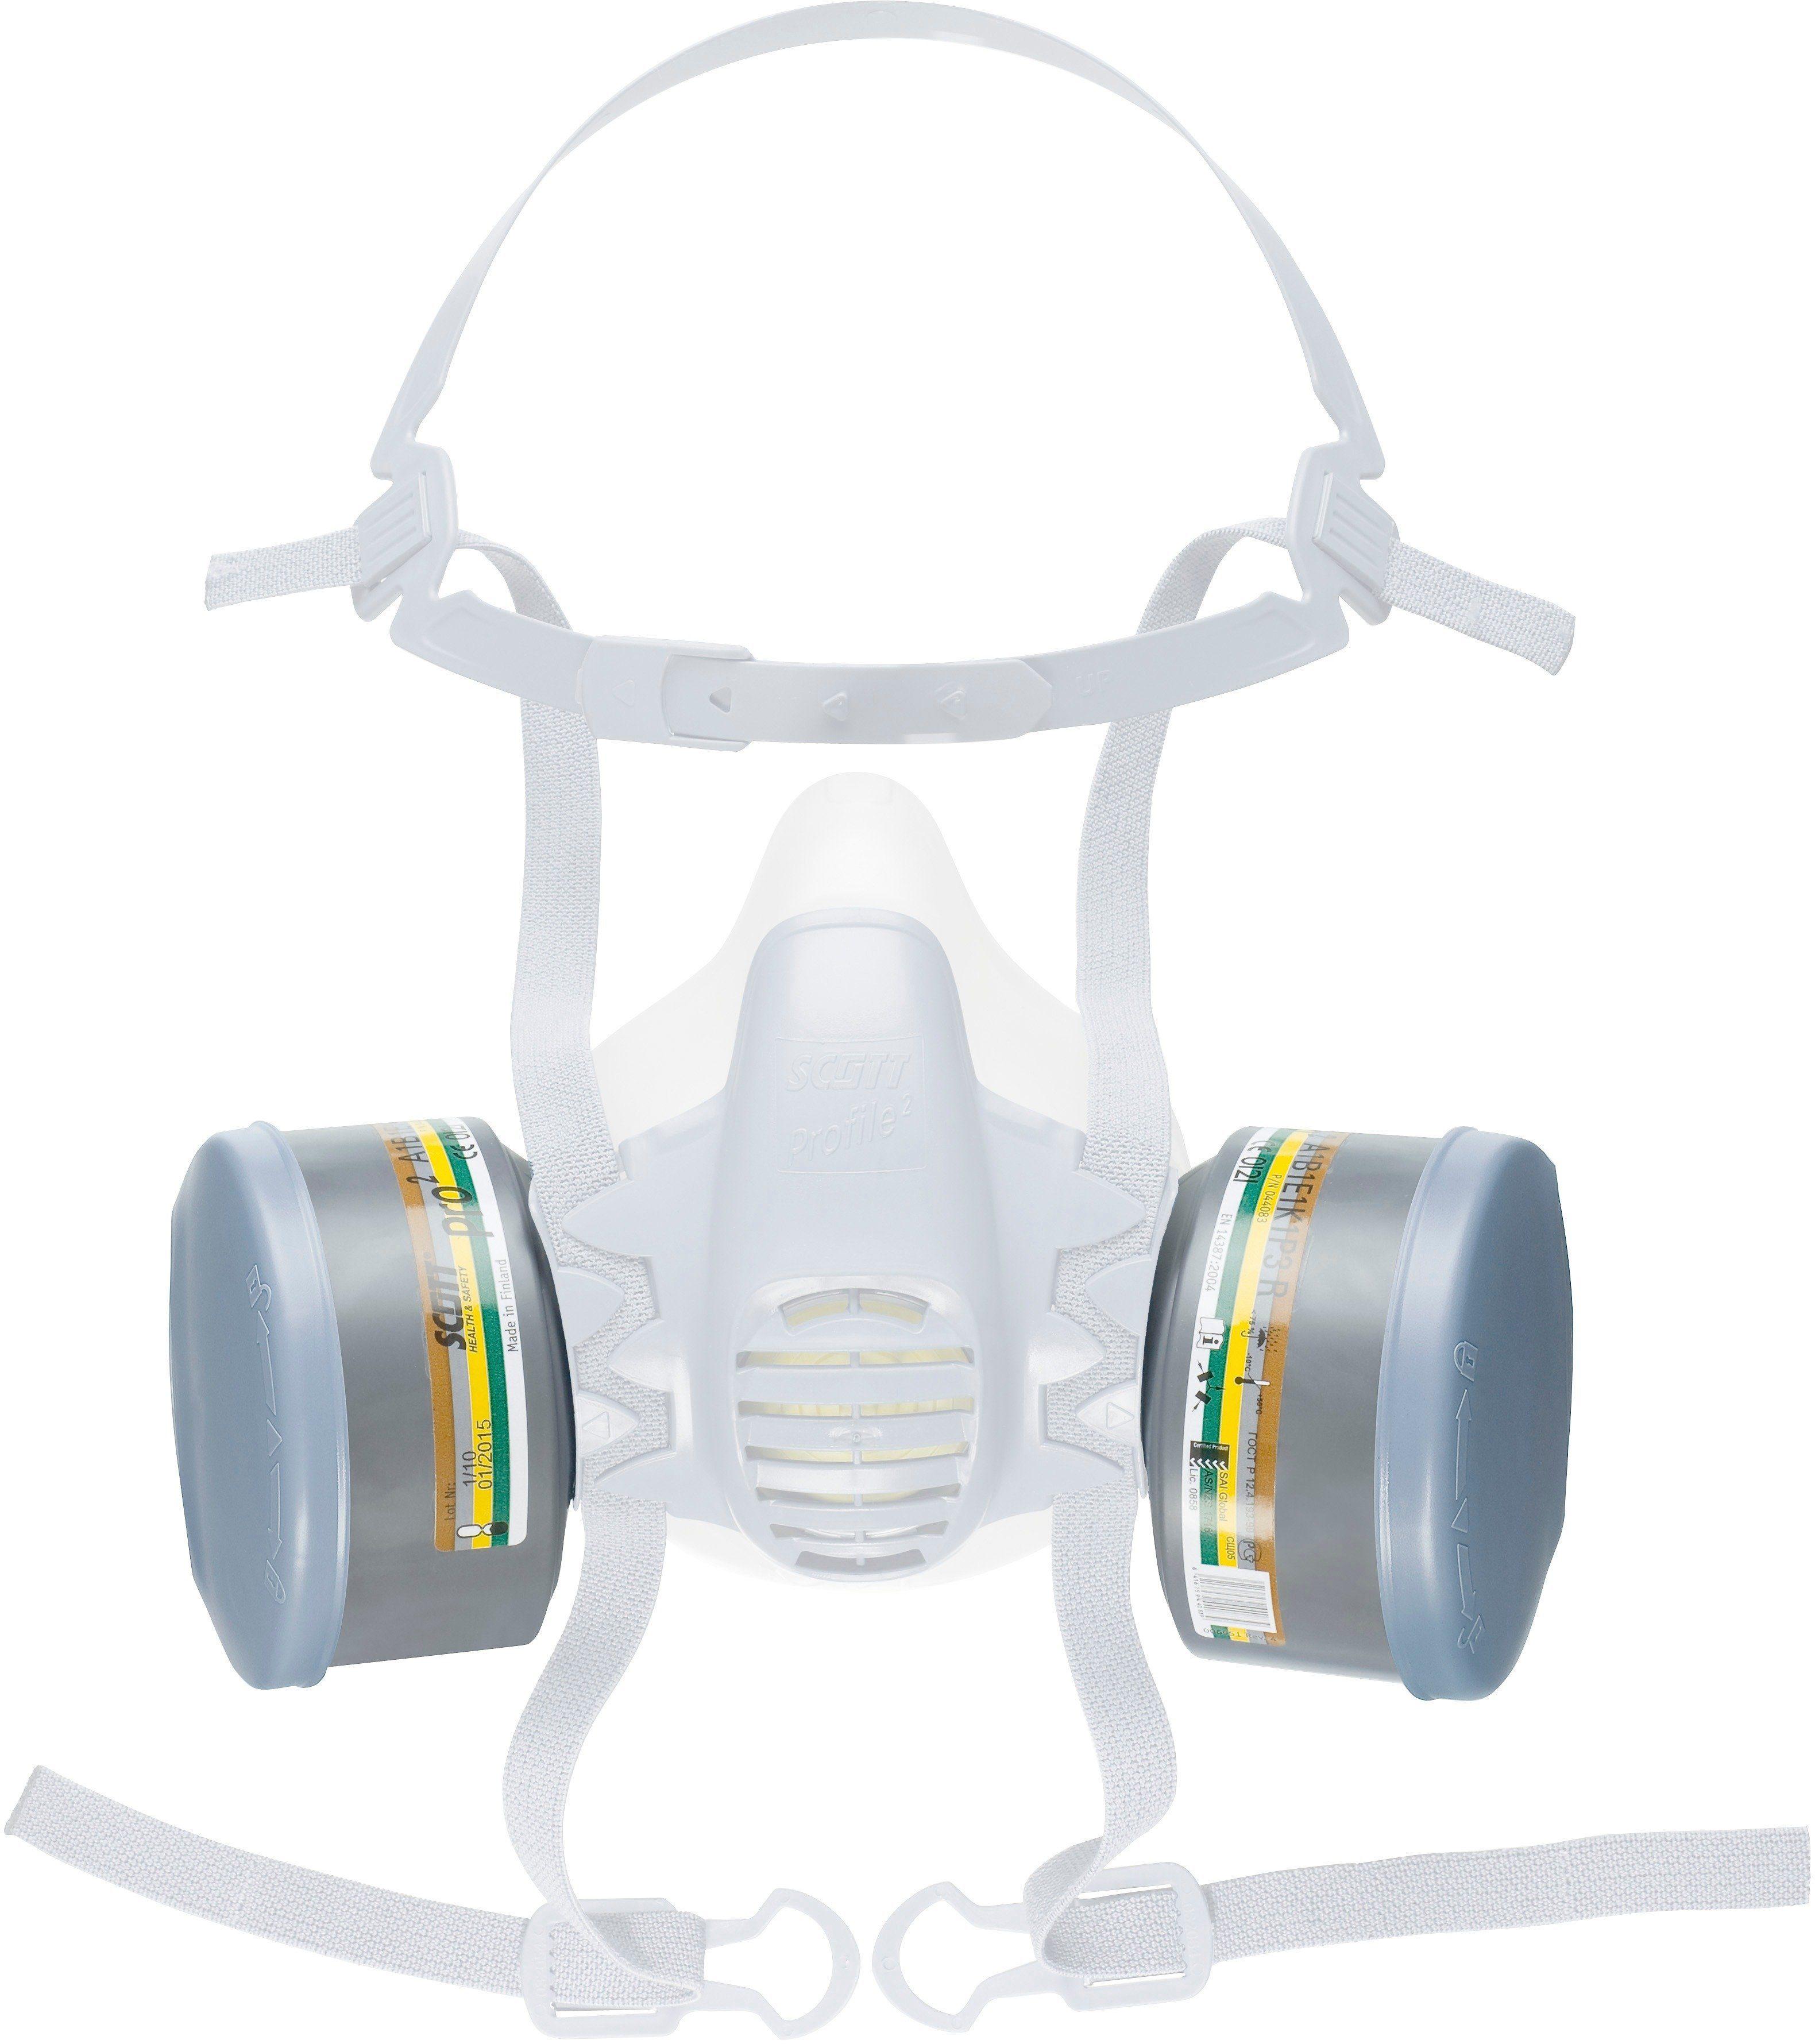 Kwb Tools A1,B1,E1,K1,P3 R-Filter